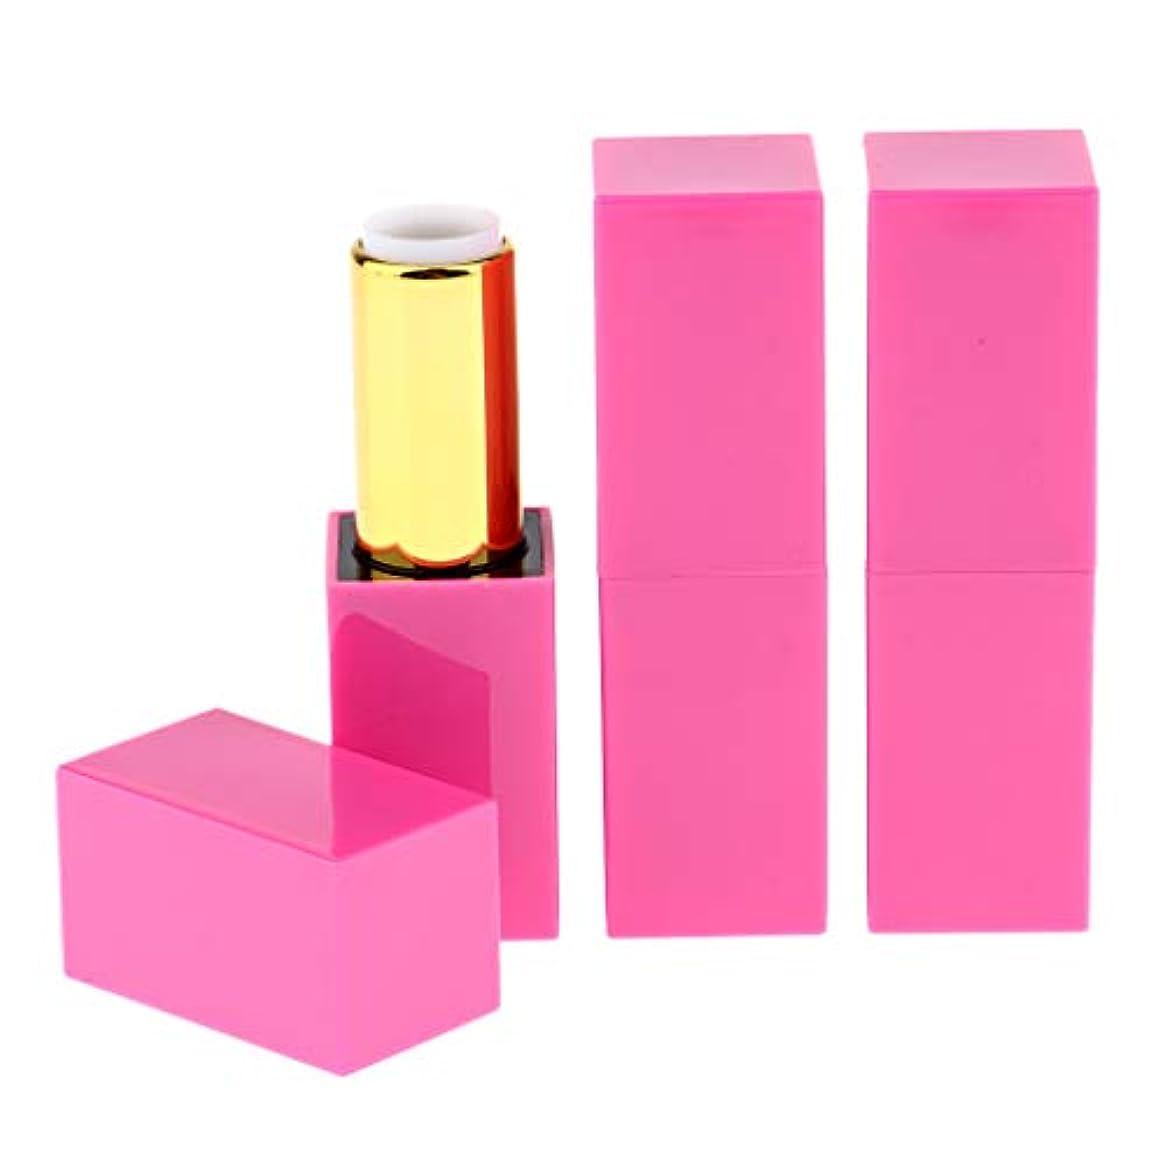 外向き構造眠りSharplace 化粧チューブ 空の口紅チューブ リップグロスチューブ リップクリーム容器 3個セット